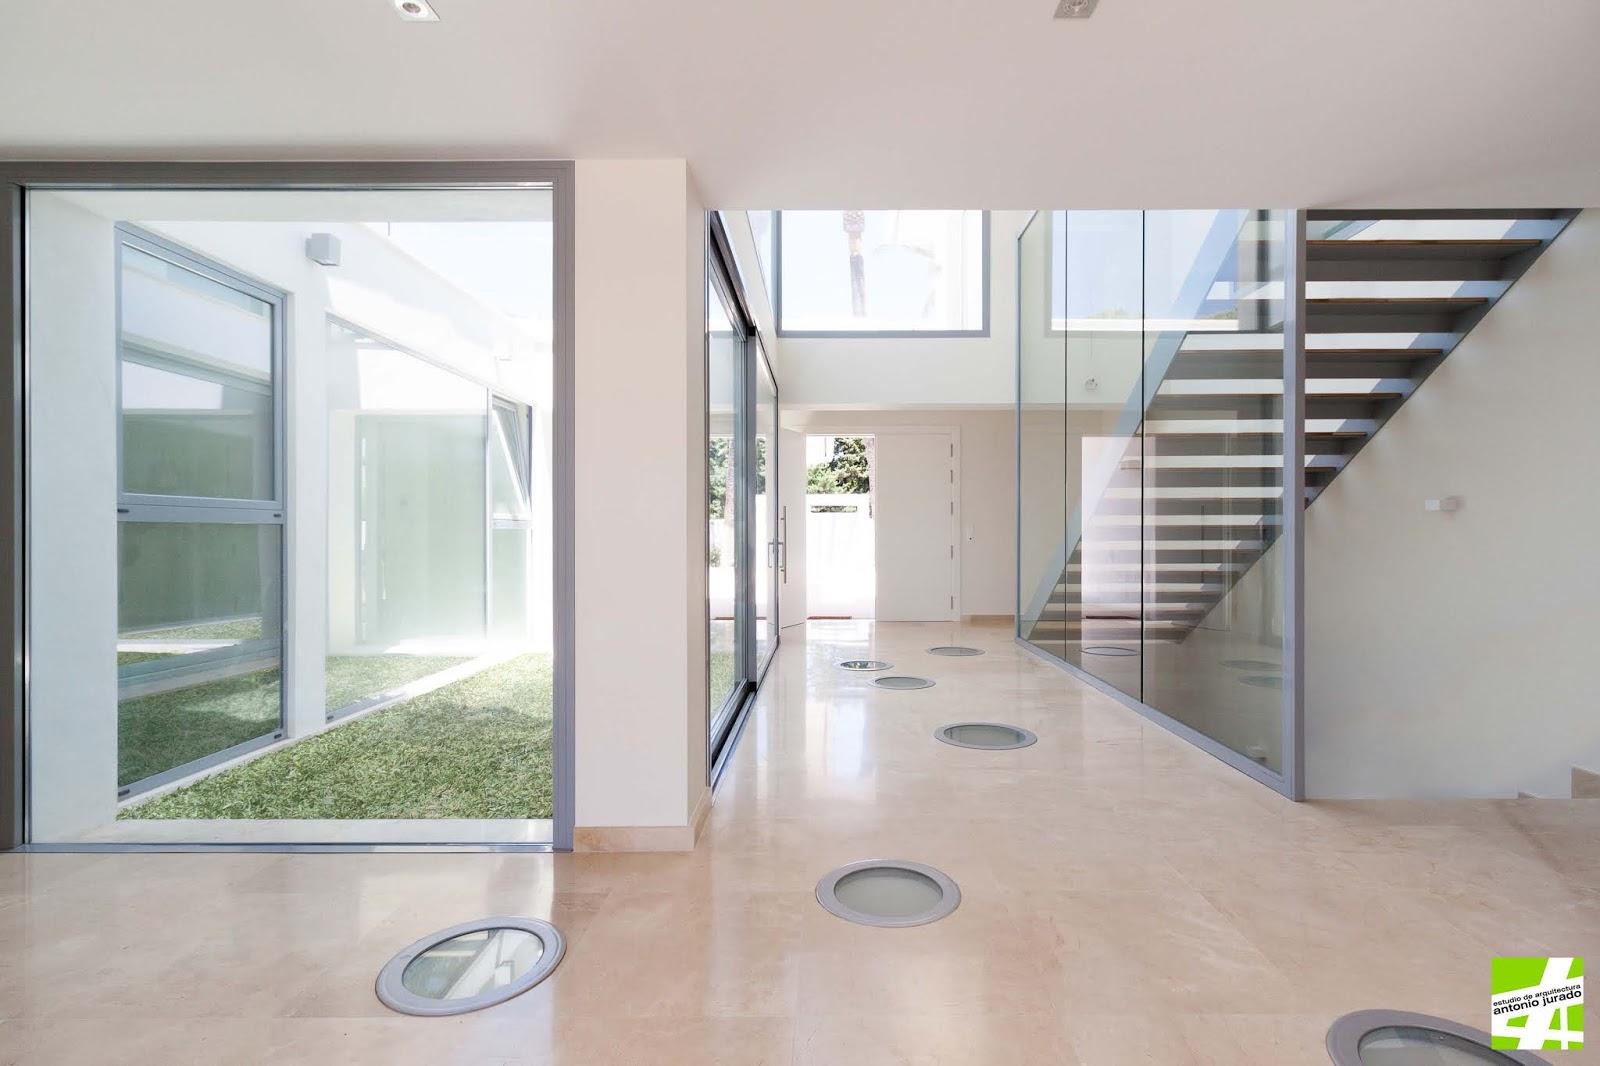 casa-ph-marbella-malaga-antonio-jurado-arquitecto-05